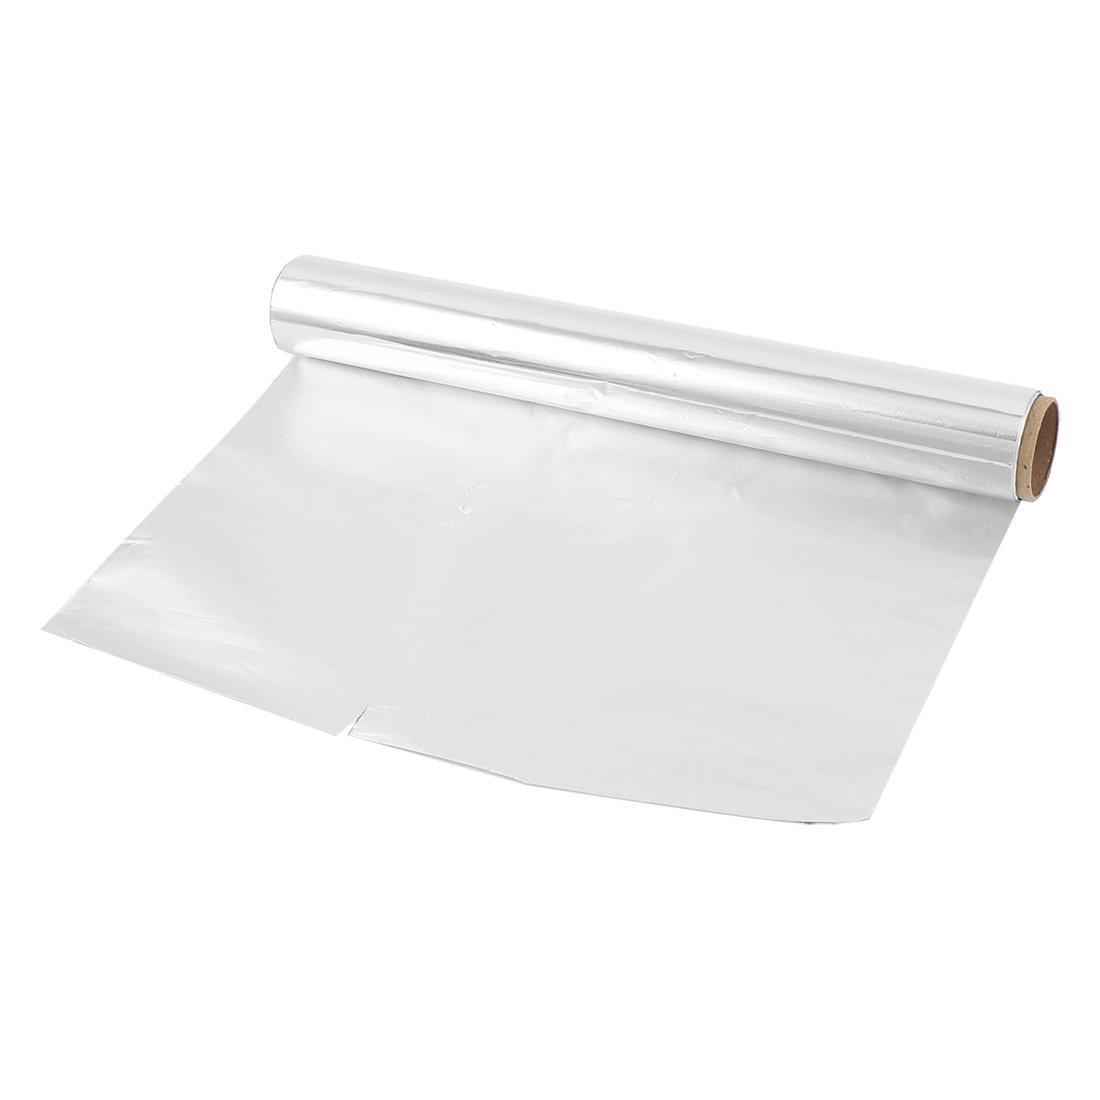 Amazon.com: eDealMax parrilla de barbacoa de la hornada del papel de ...